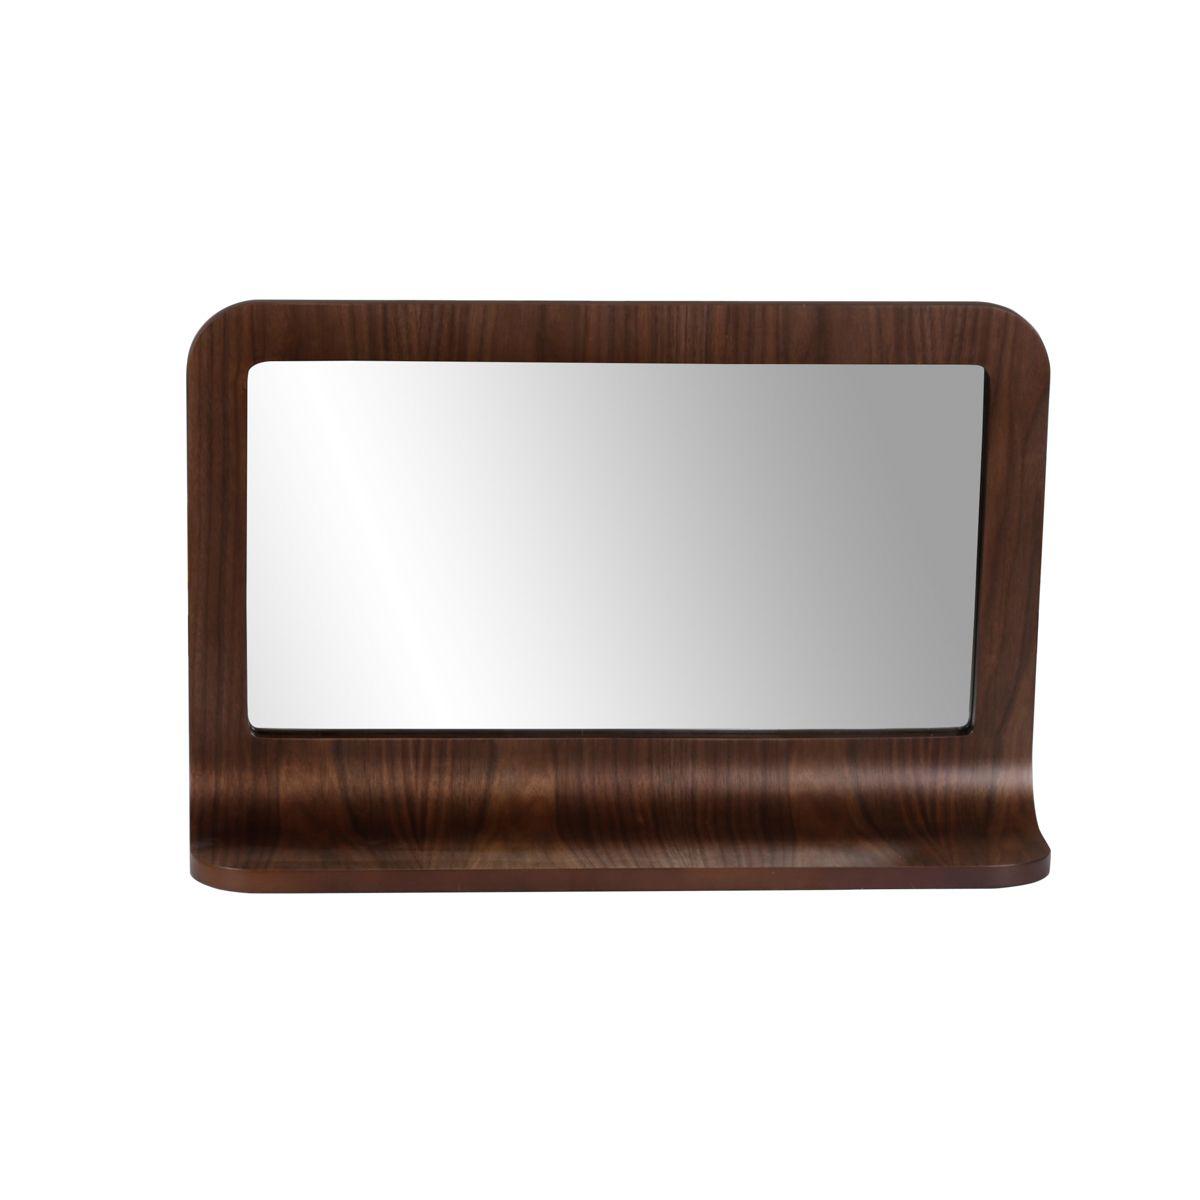 Miroir plaqué noyer 72 x 45 cm avec tablette